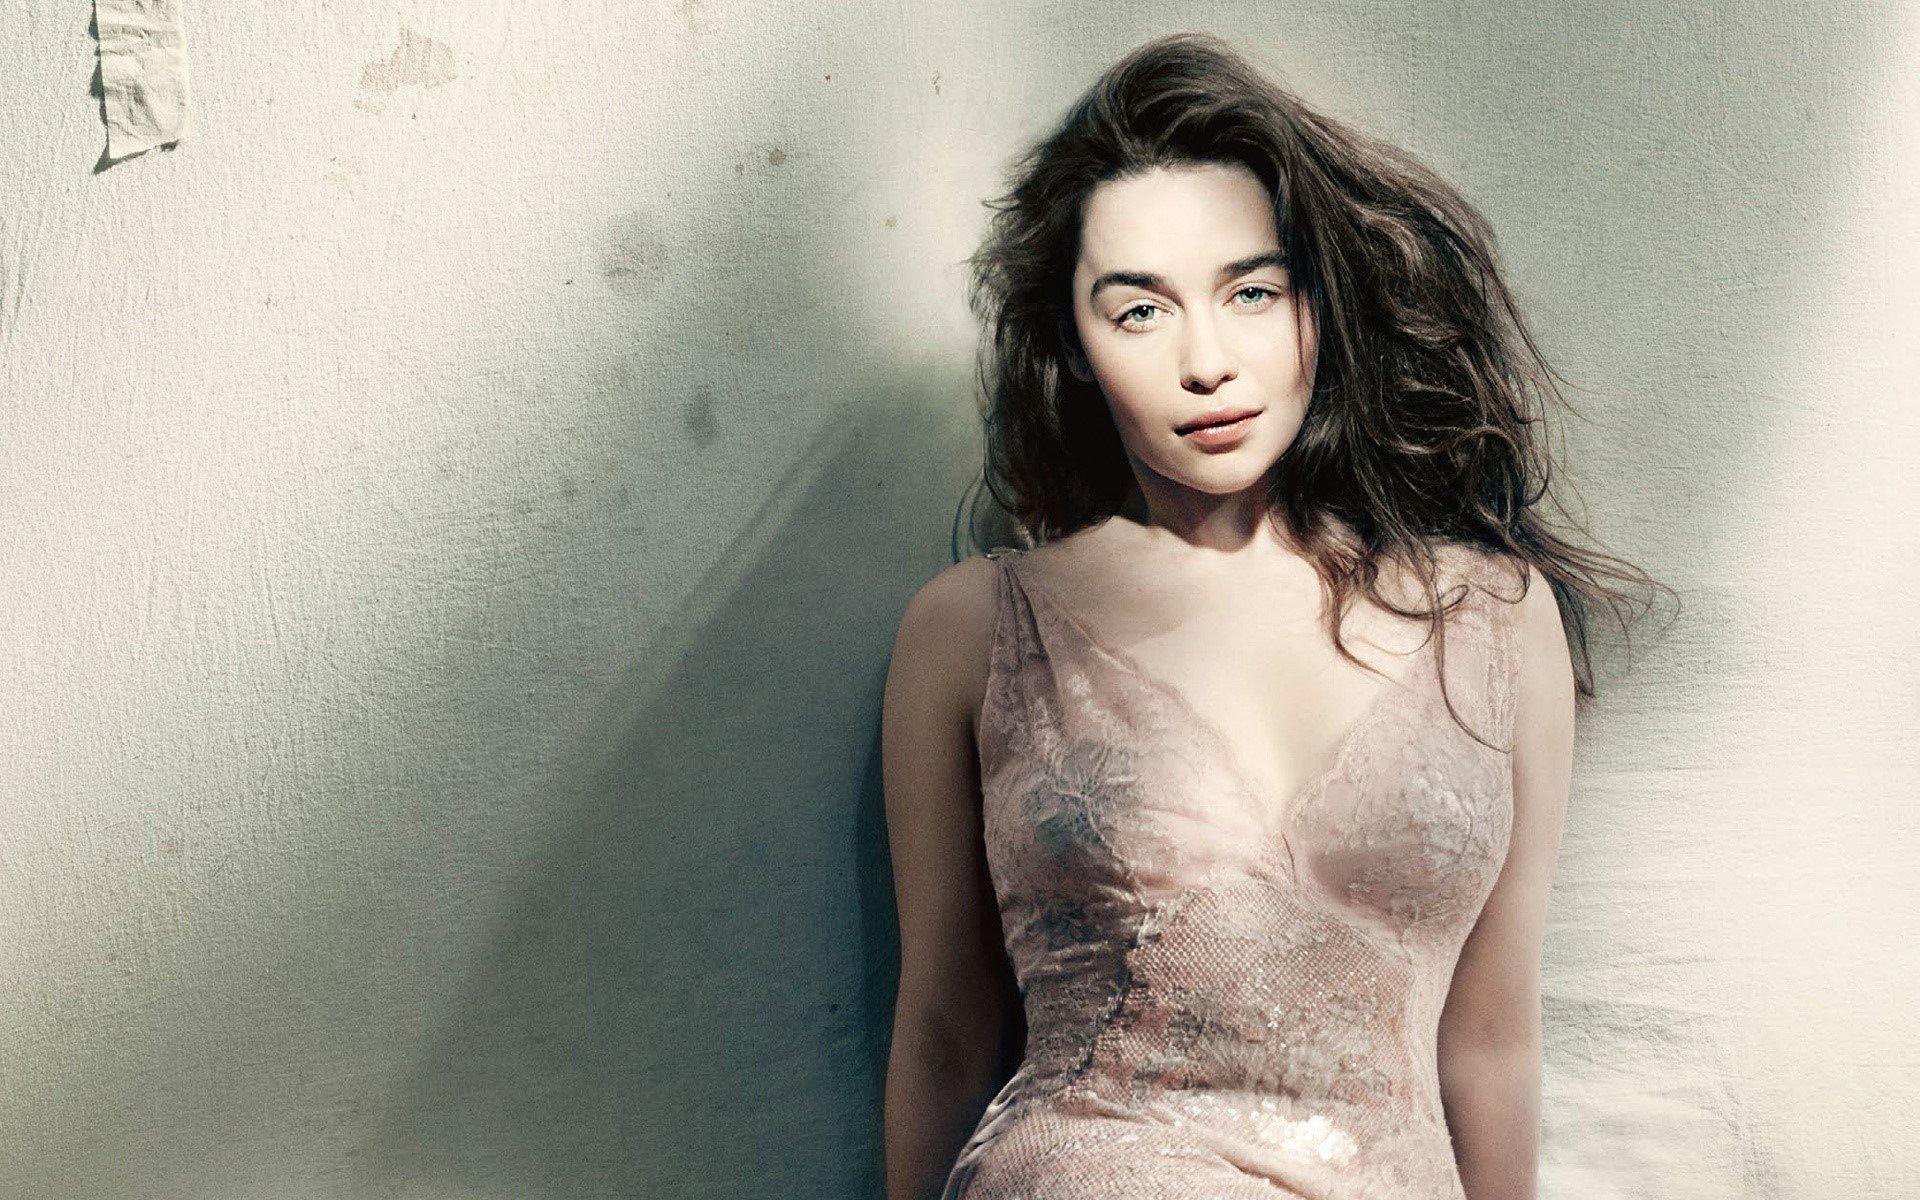 Fondo de pantalla de Emilia Clarke para Vogue Imágenes